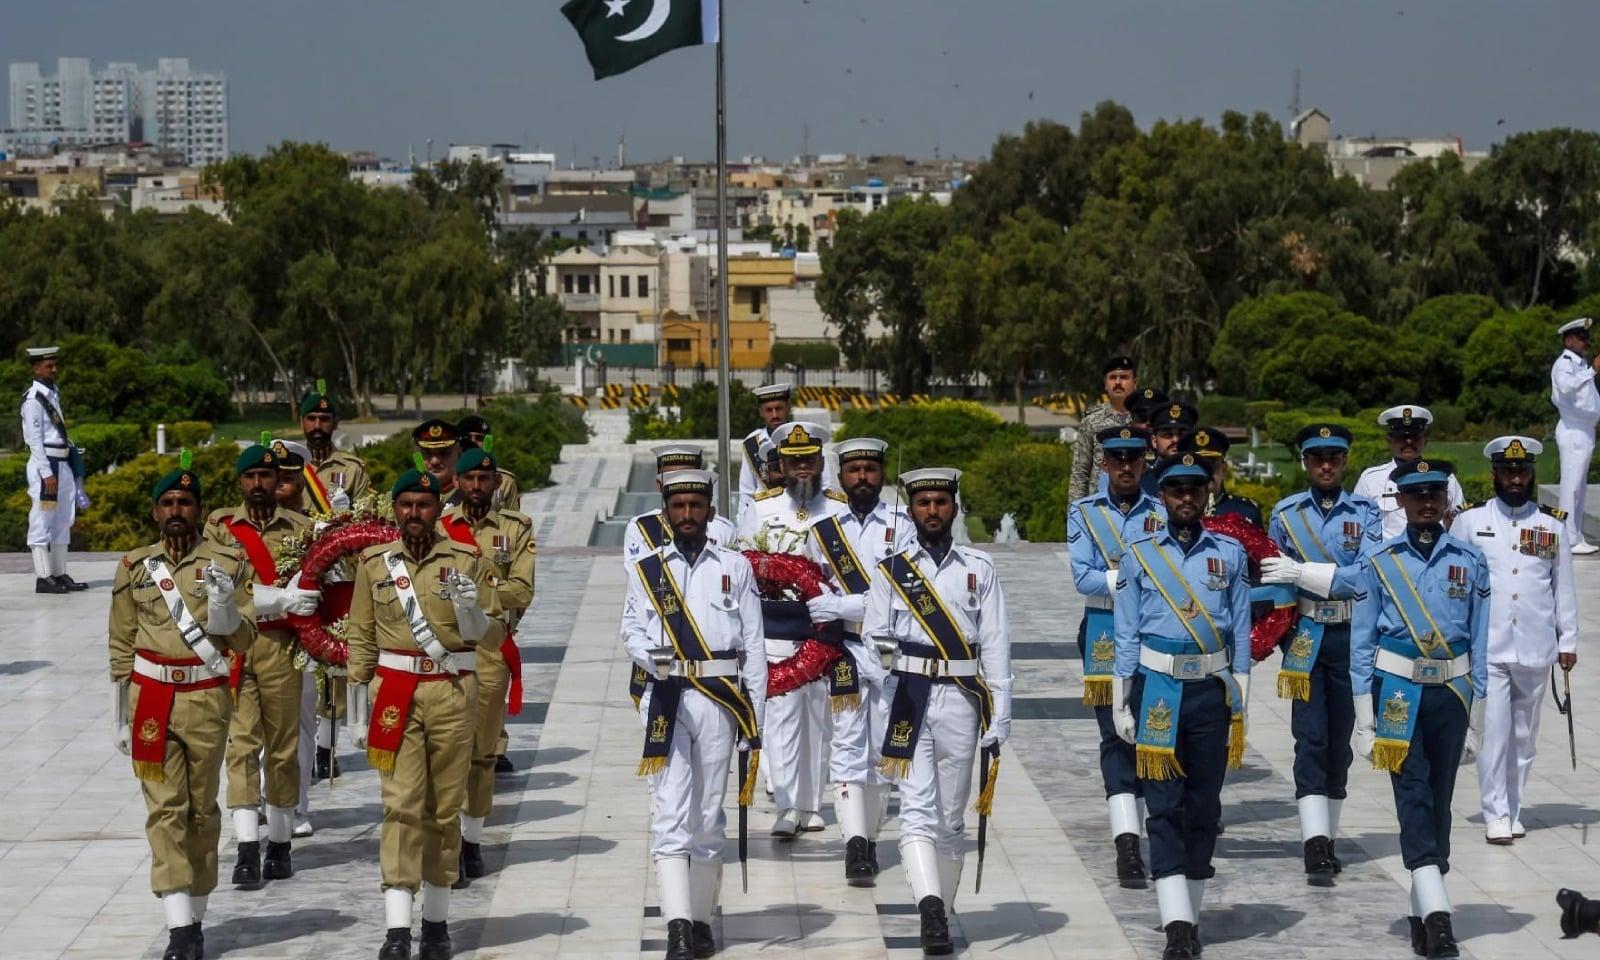 کراچی میں مزار قائد پر گارڈ کی تبدیلی کی پروقار تقریب منعقد ہوئی — فوٹو: اے ایف پی